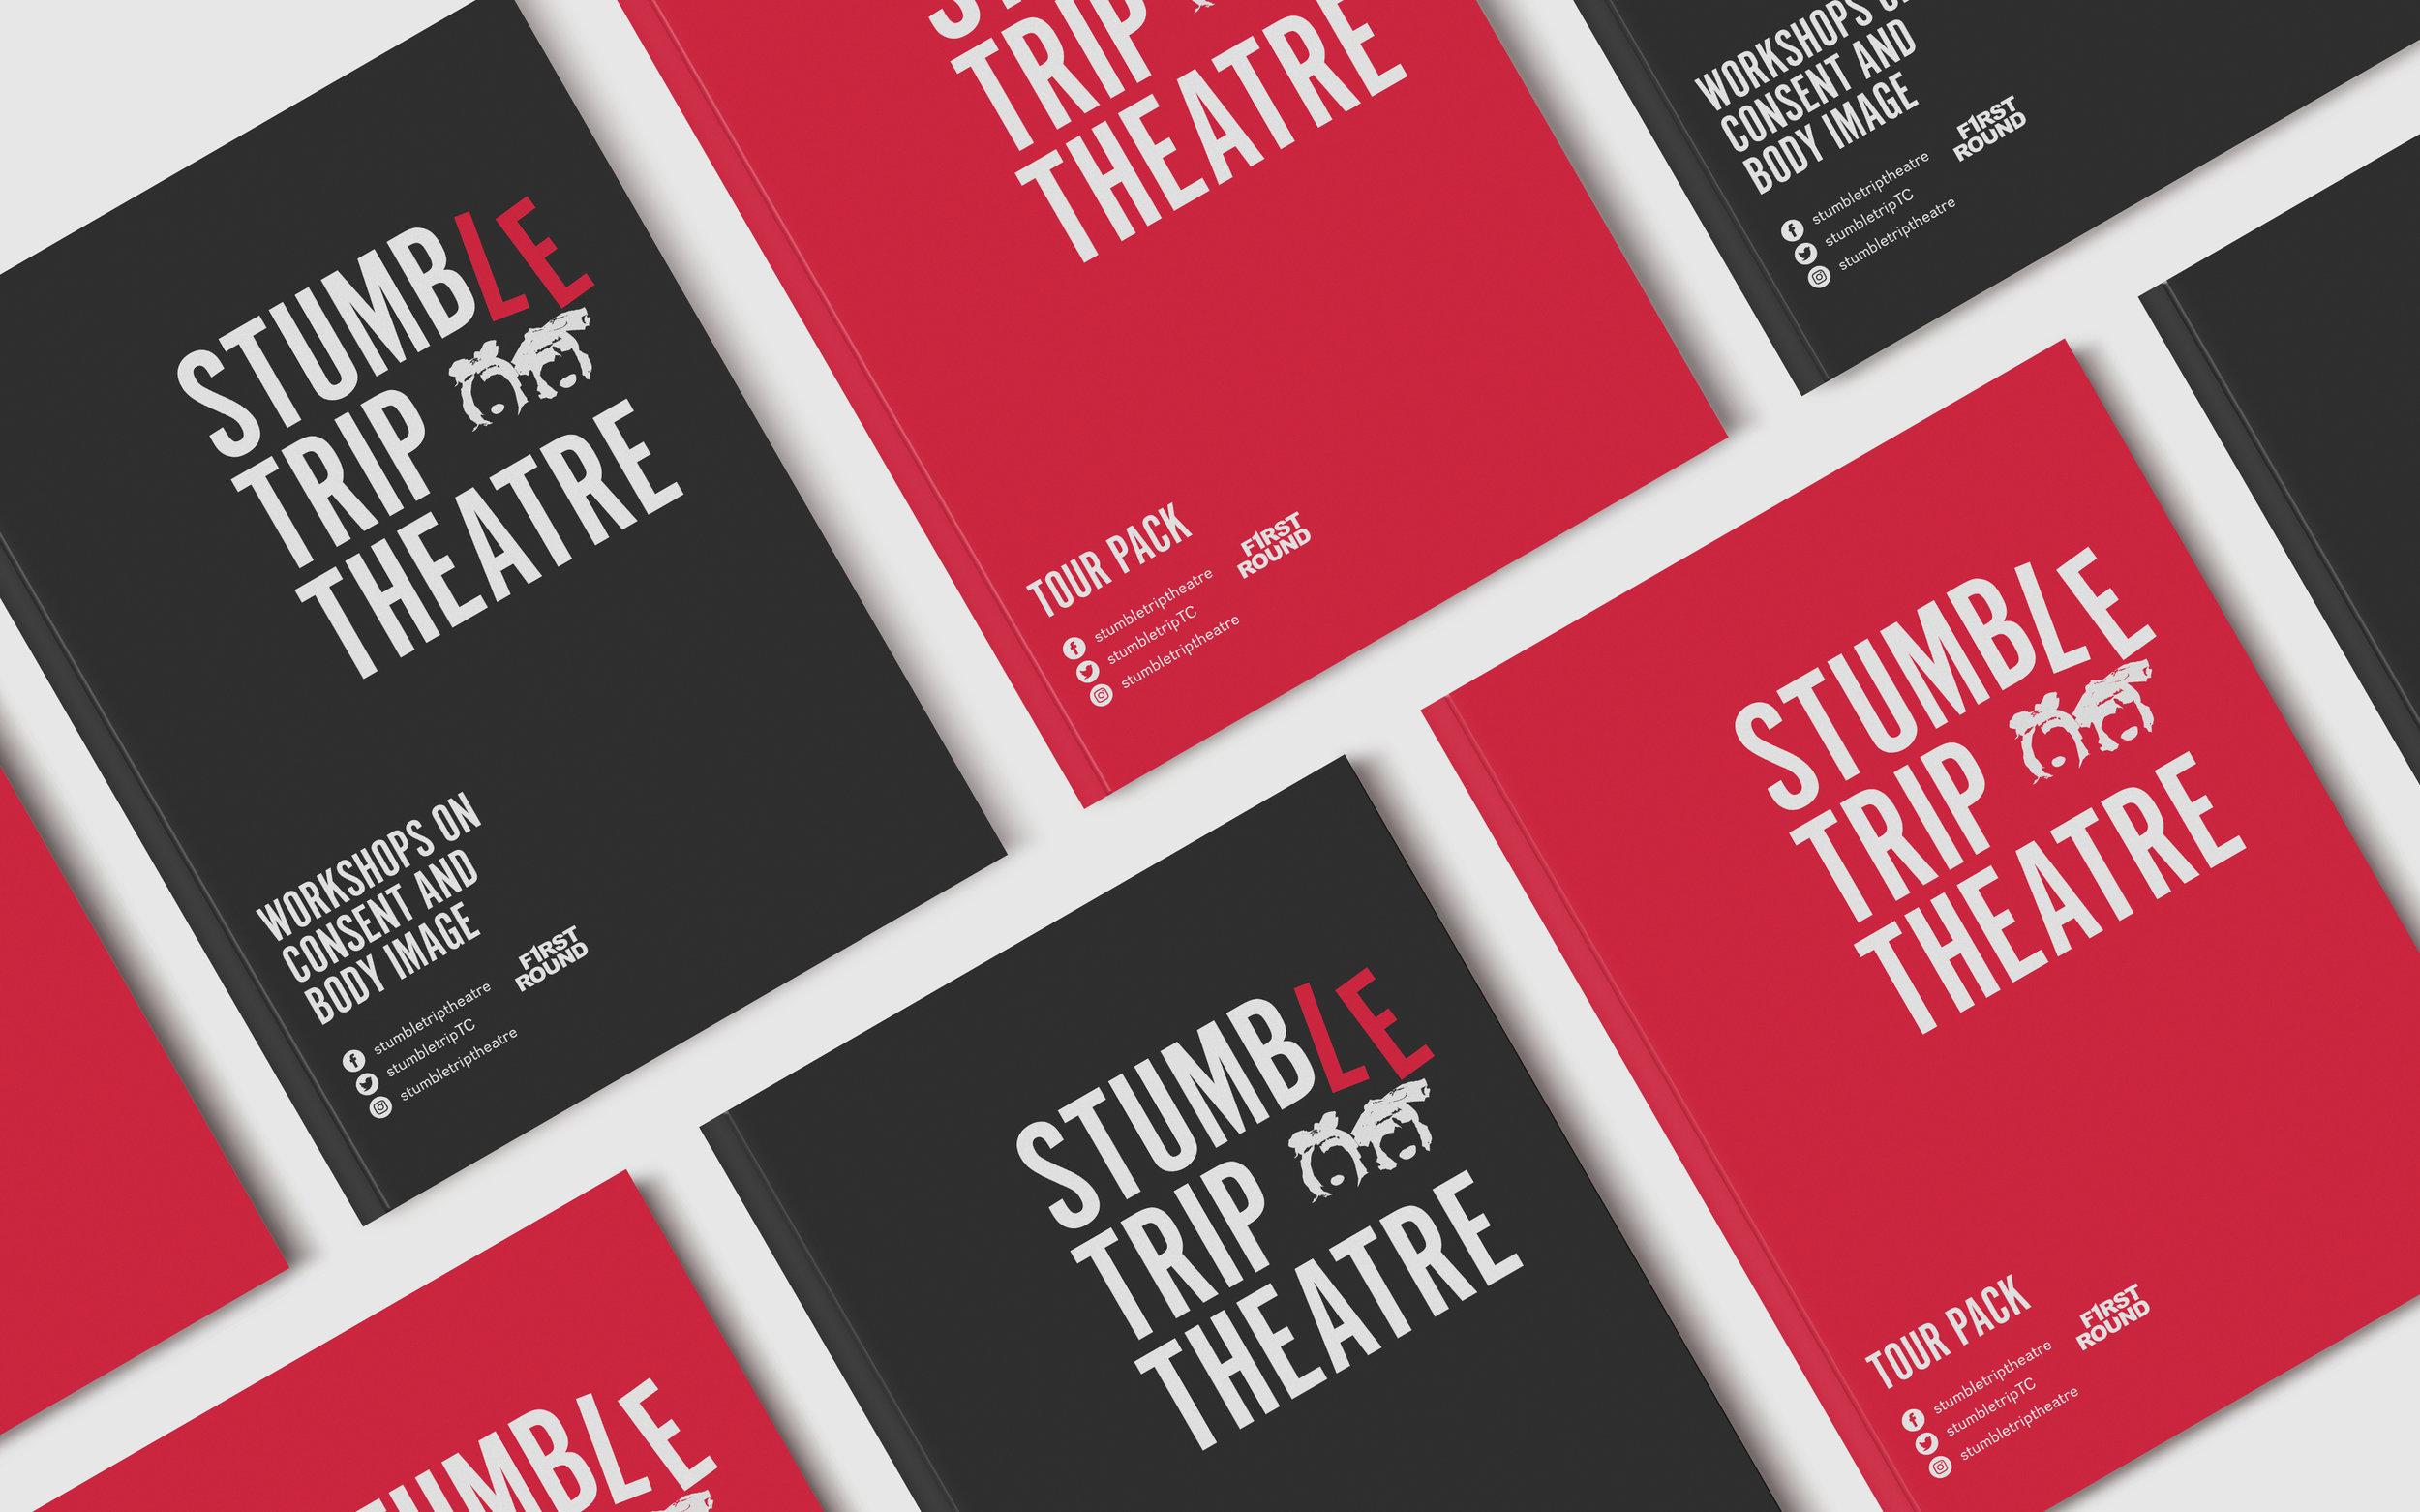 Stumble Trip Theatre